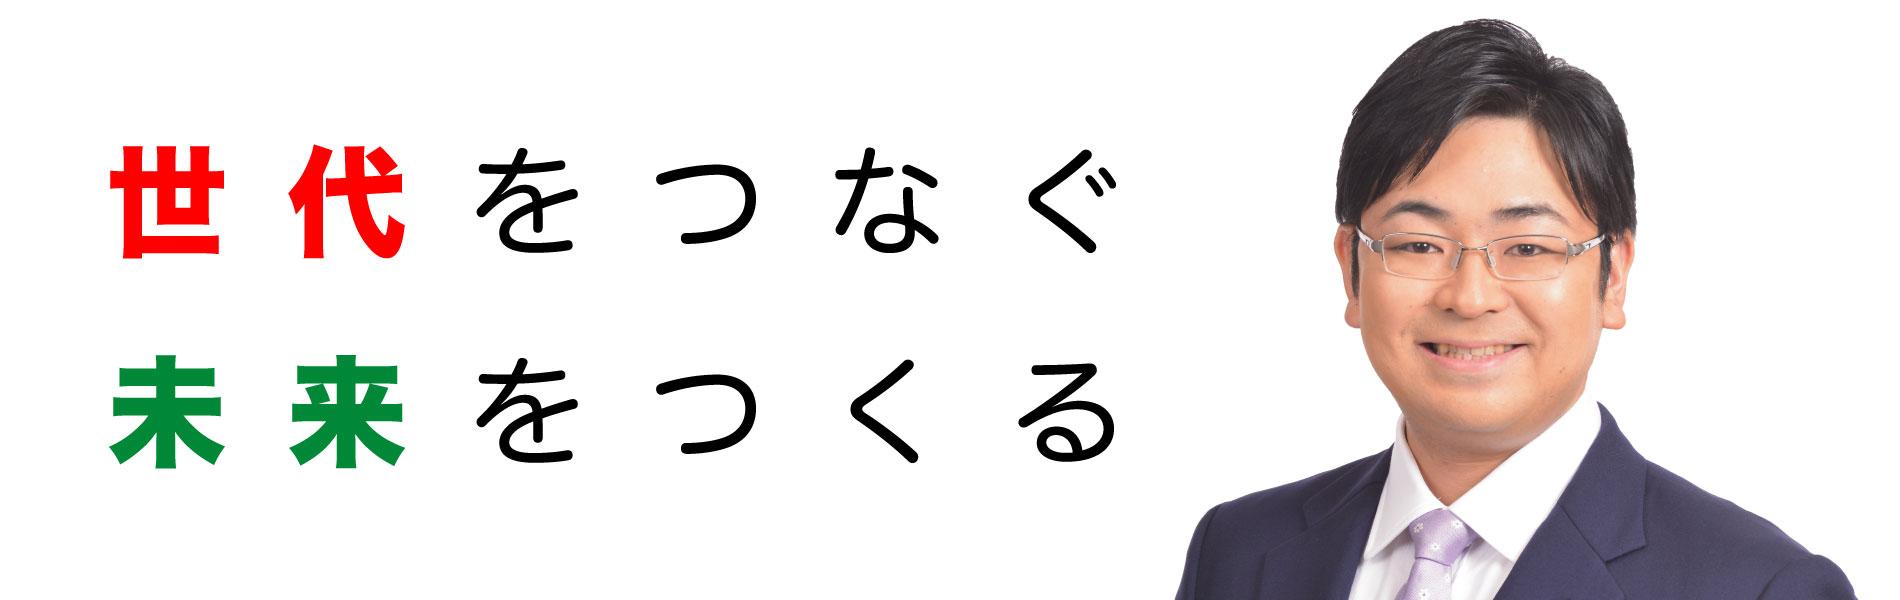 香取市議会議員かとう裕太 世代をつなぐ 未来をつくる